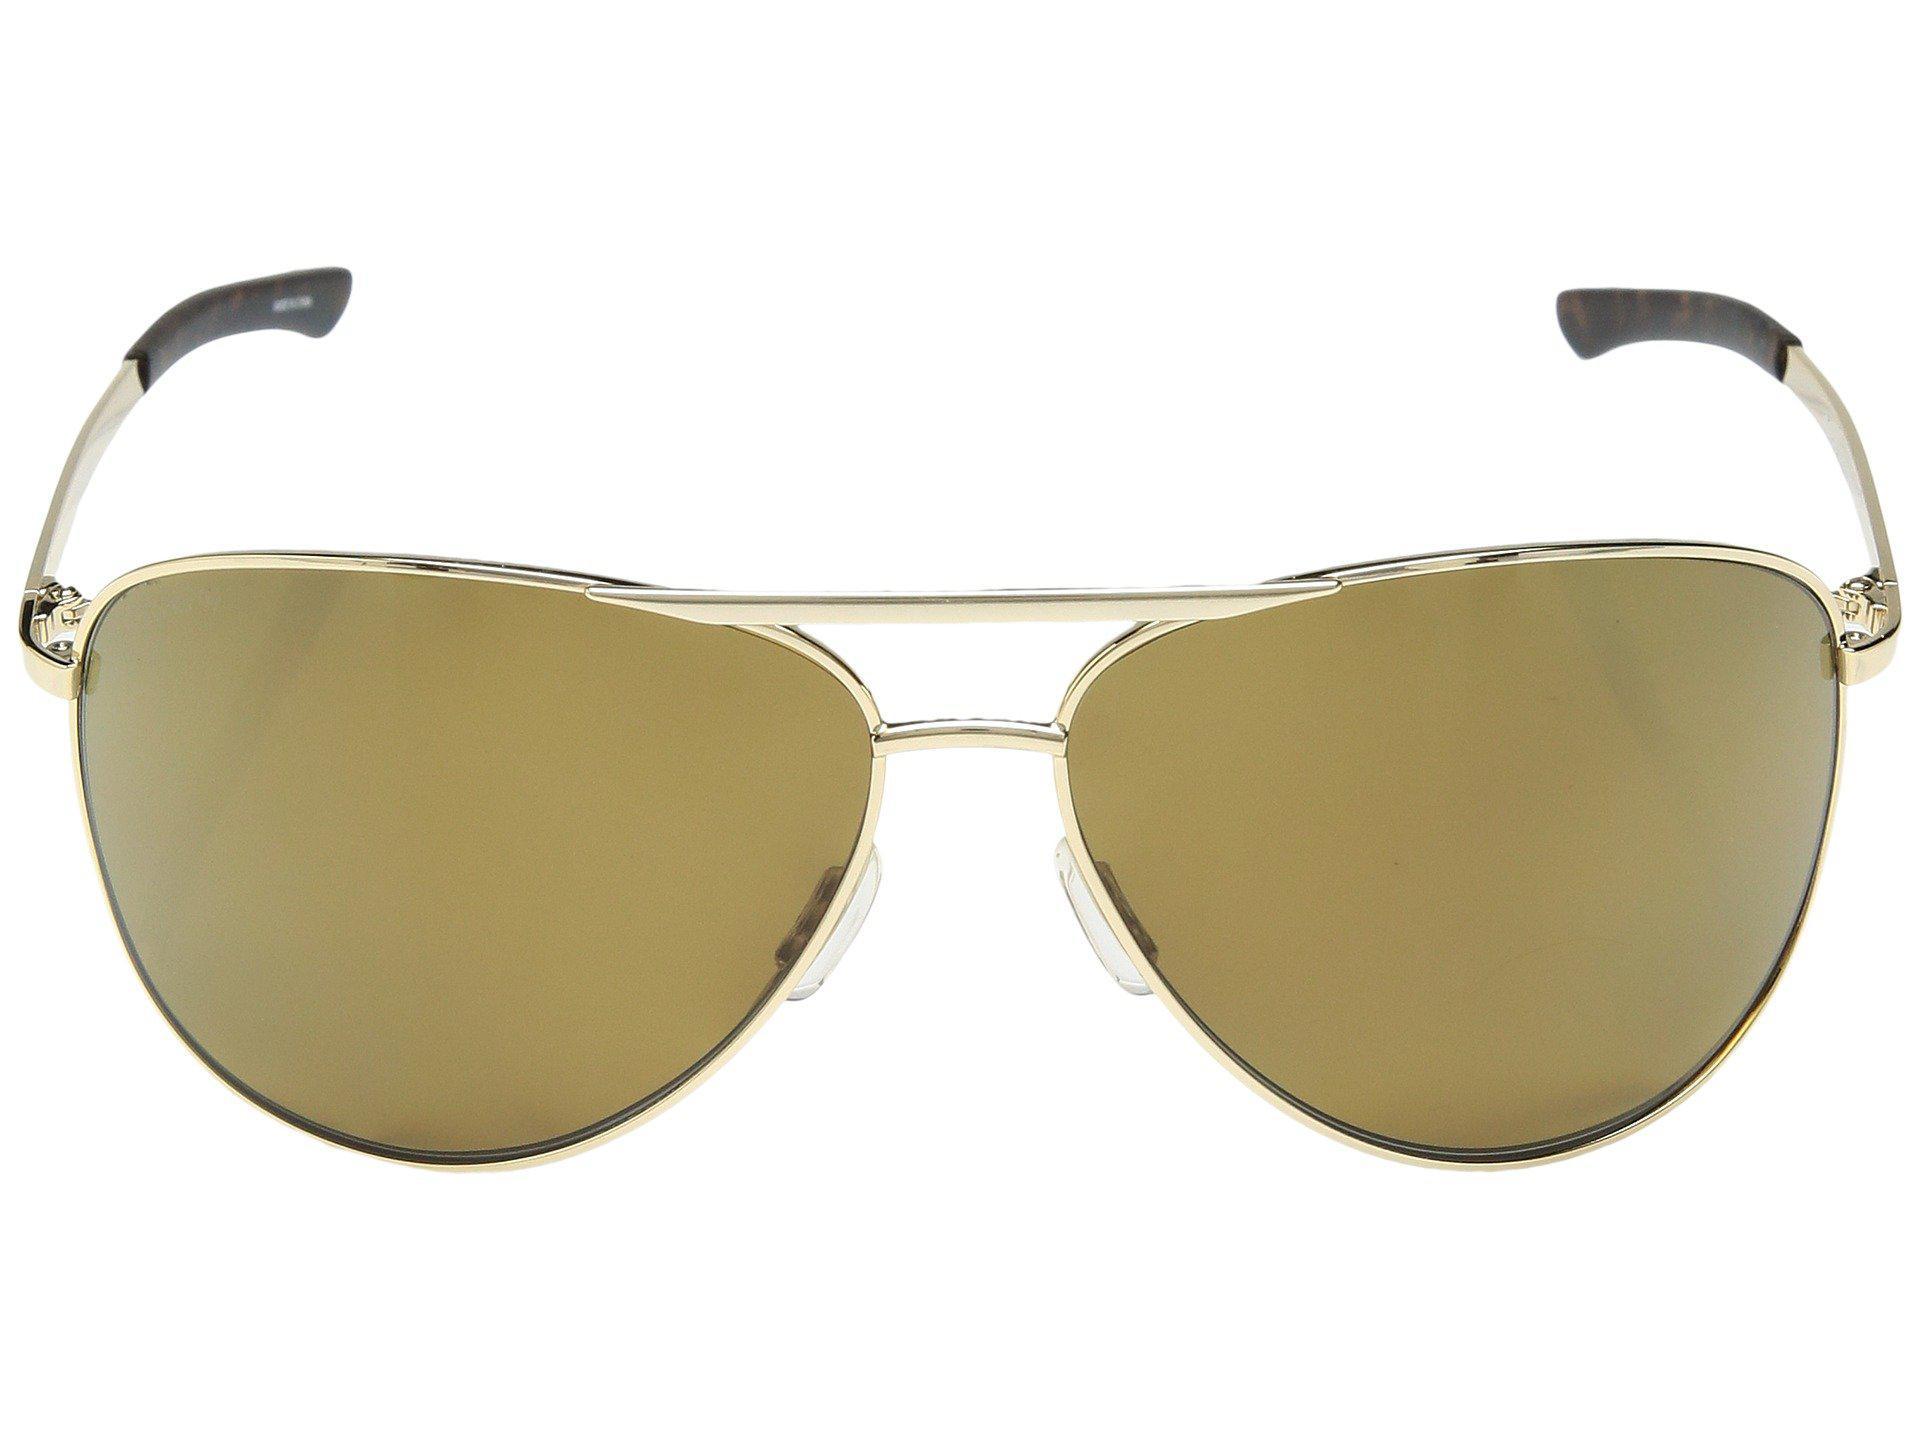 61923f5455 Smith Optics - Serpico 2 (gold brown Chromapoptm Polarized Lens) Athletic  Performance Sport. View fullscreen